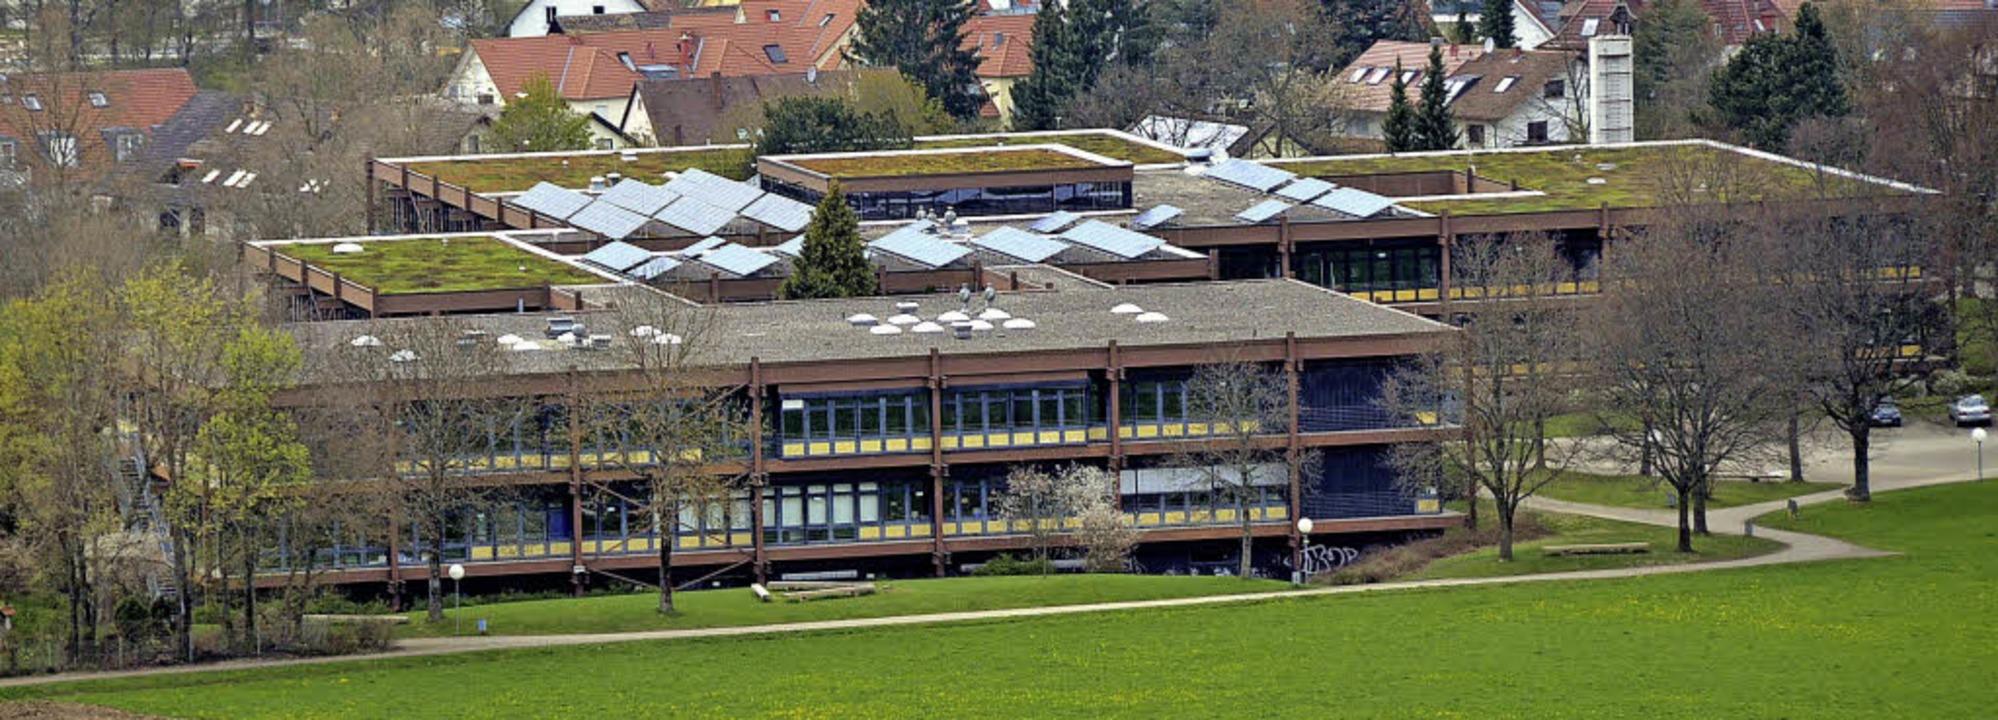 In der Bildungslandschaft im Dreisamta...nasium, Realschule und Werkrealschule   | Foto: Markus Donner/Schularchiv